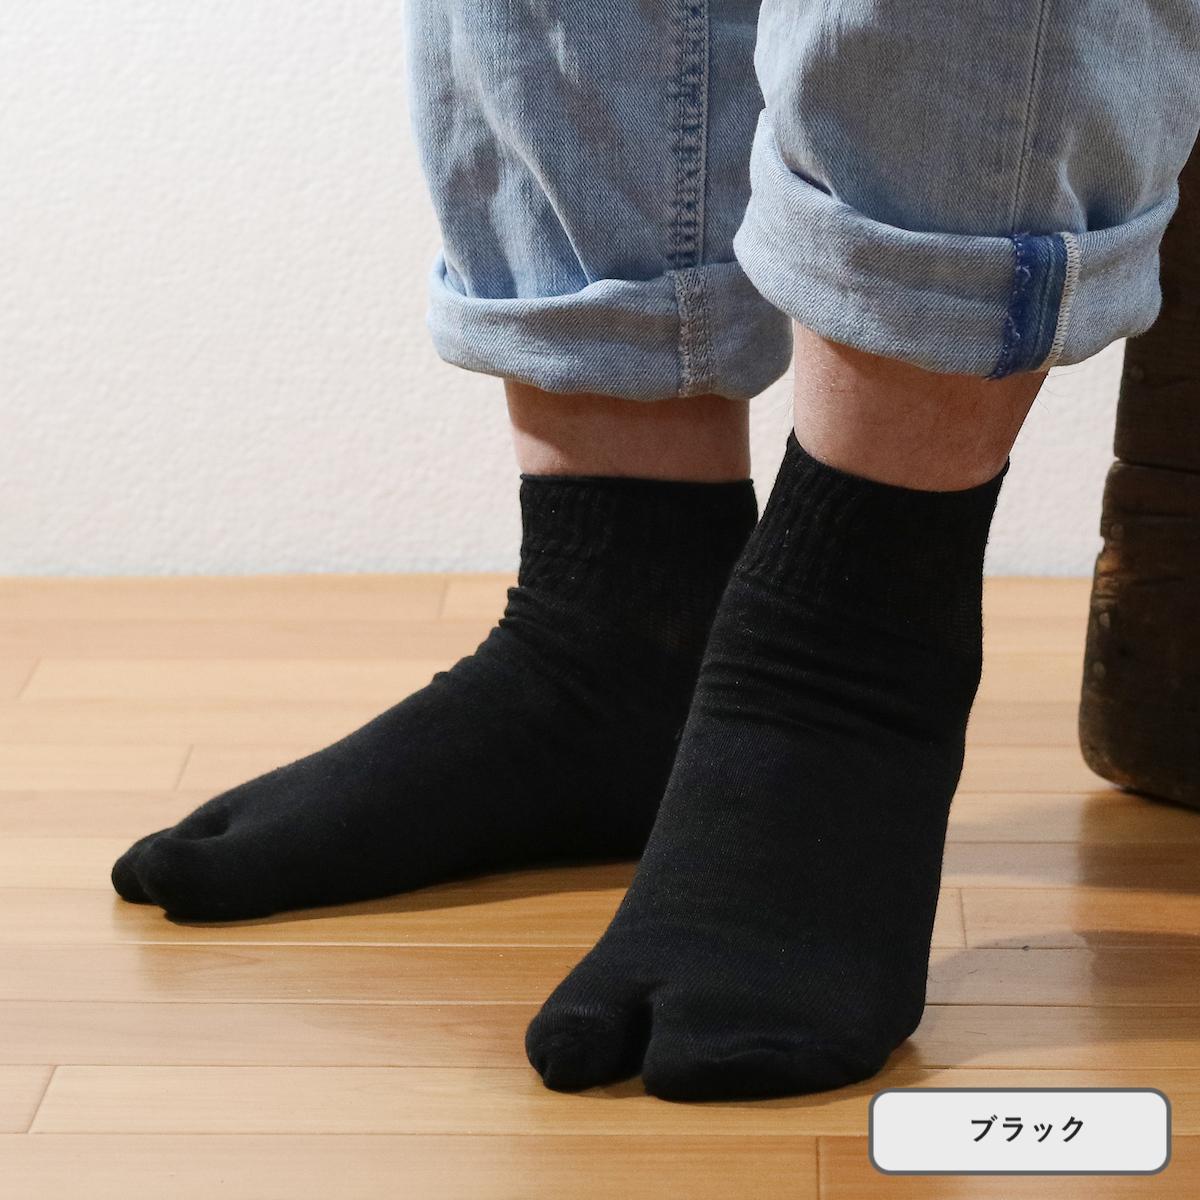 リネン足袋ソックス Lサイズ 25〜27cm